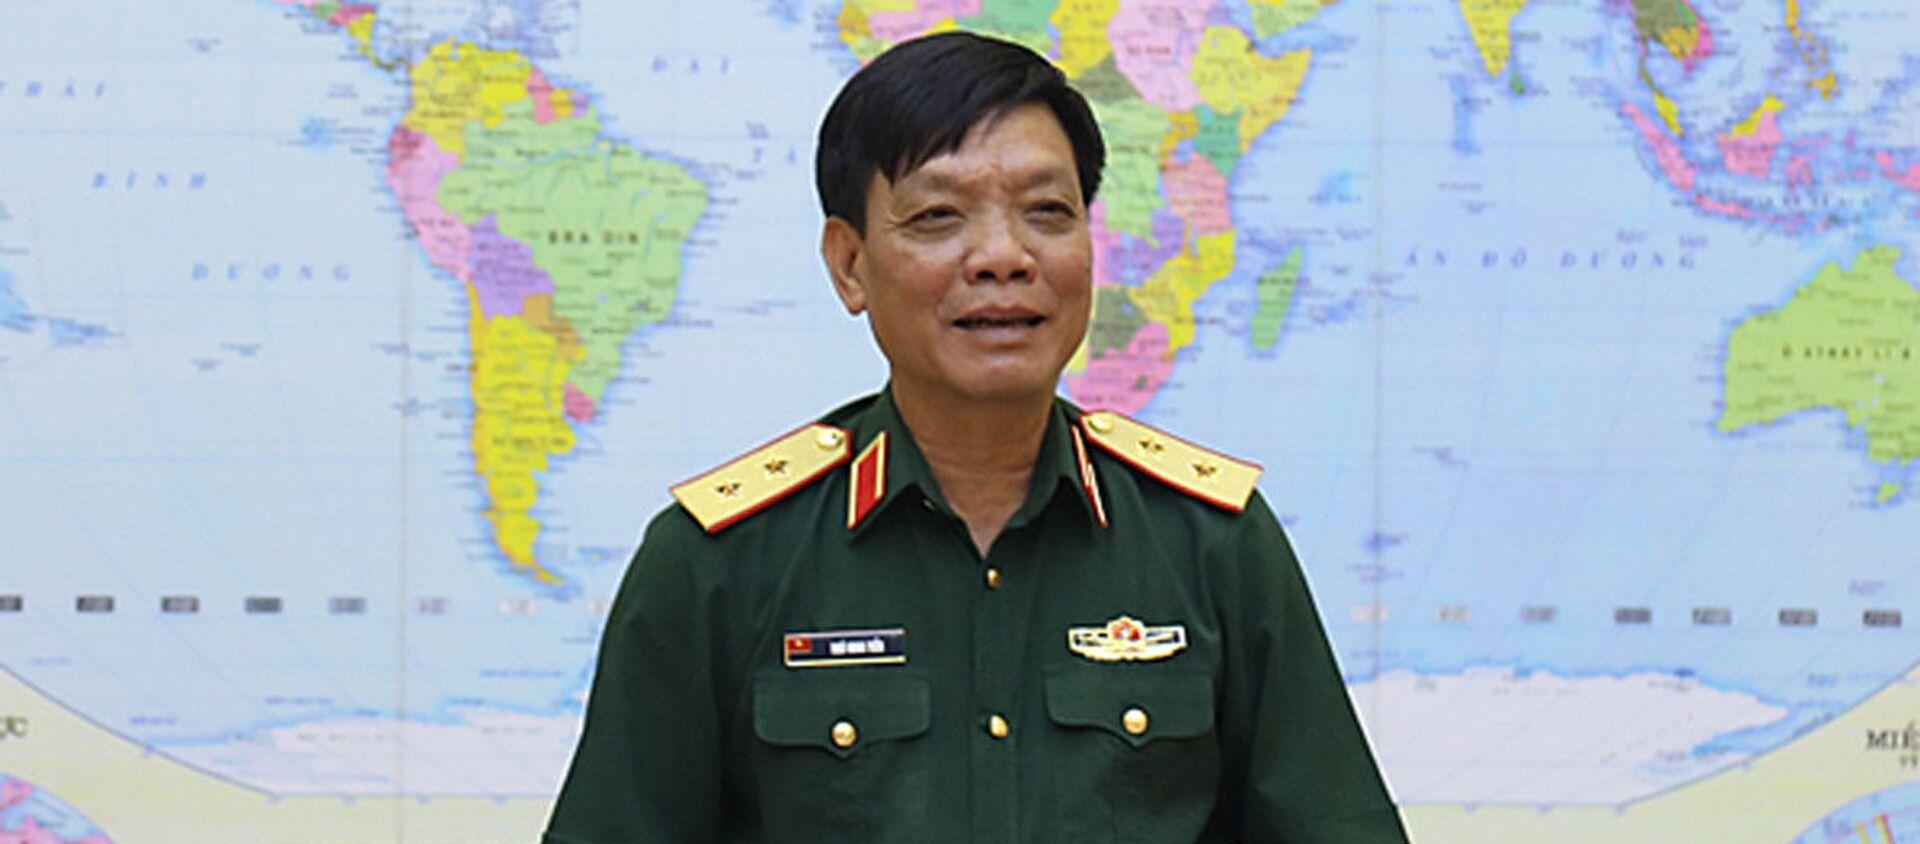 Phó Tổng Tham mưu trưởng Quân đội nhân dân Việt Nam, Trung tướng Ngô Minh Tiến - Sputnik Việt Nam, 1920, 25.08.2020